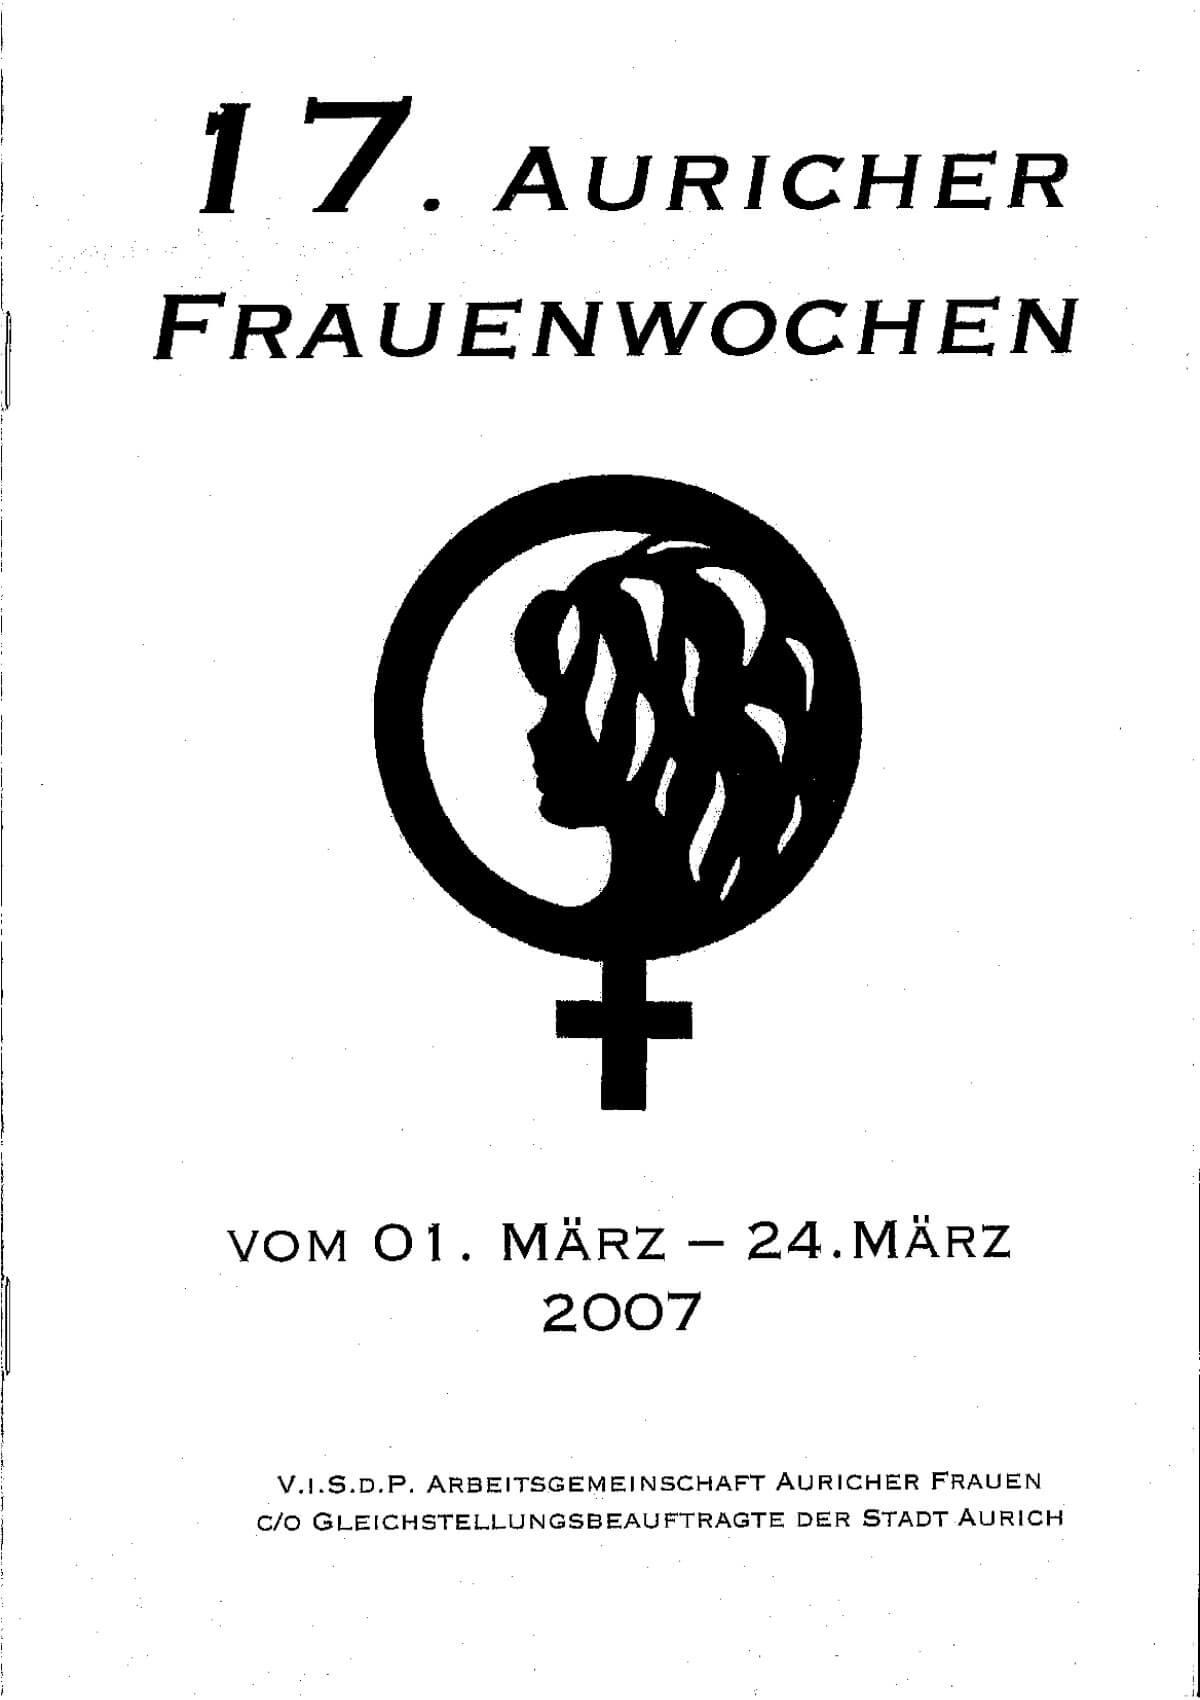 """Vorderseite des Programmhefts 2020 - """"Weichen stellen: Zukunft gestalten!"""" - 30. Auricher Frauenwochen vom 25.02.-20.03.2020"""